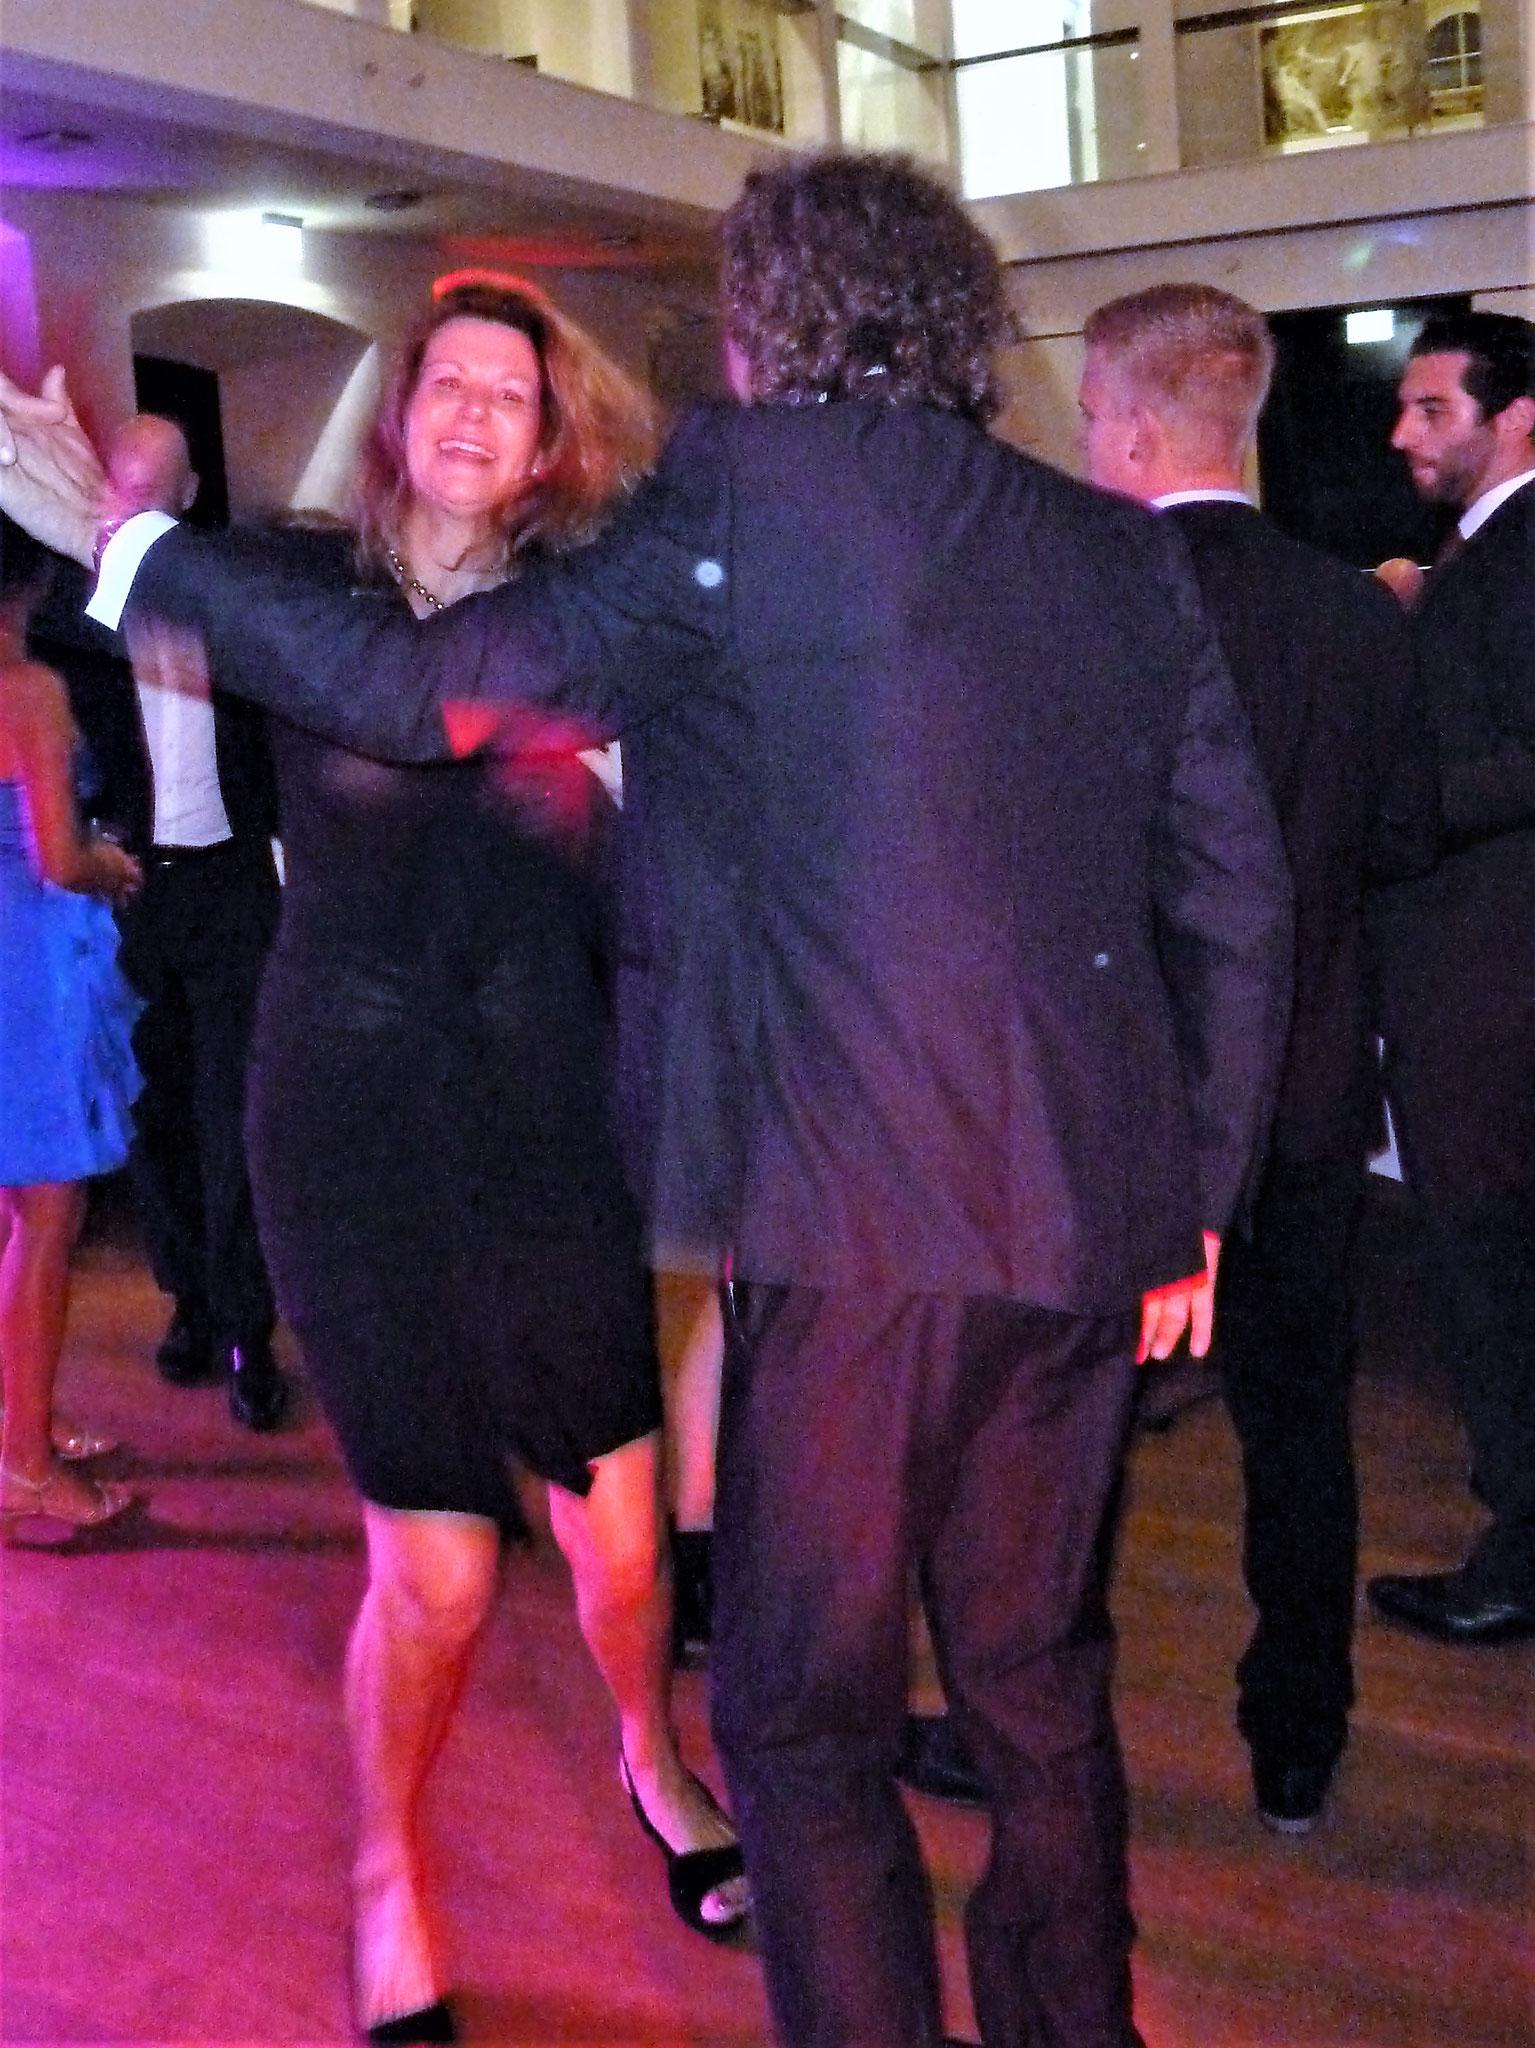 und natürlich tanzen